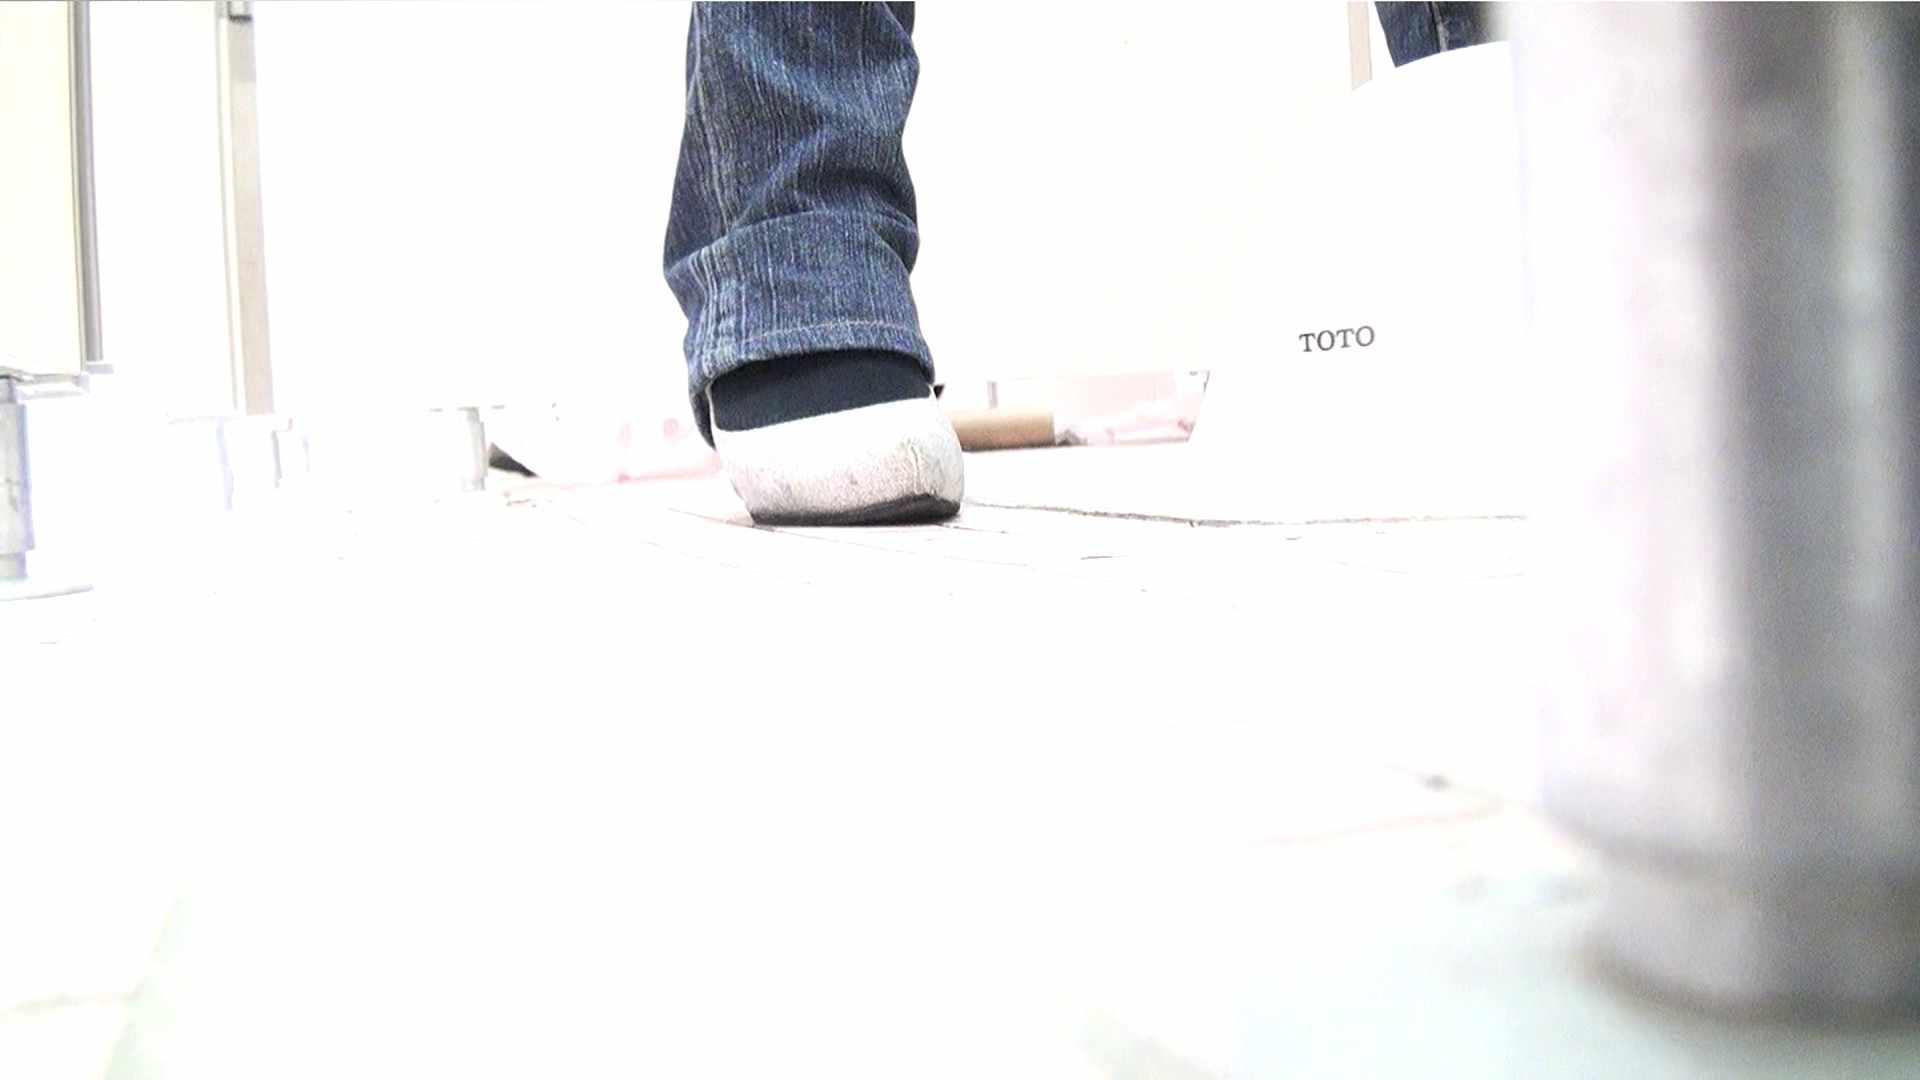 ※100個限定販売 至高下半身盗撮 プレミアム Vol.29 ハイビジョン ギャル達 おまんこ動画流出 94枚 14